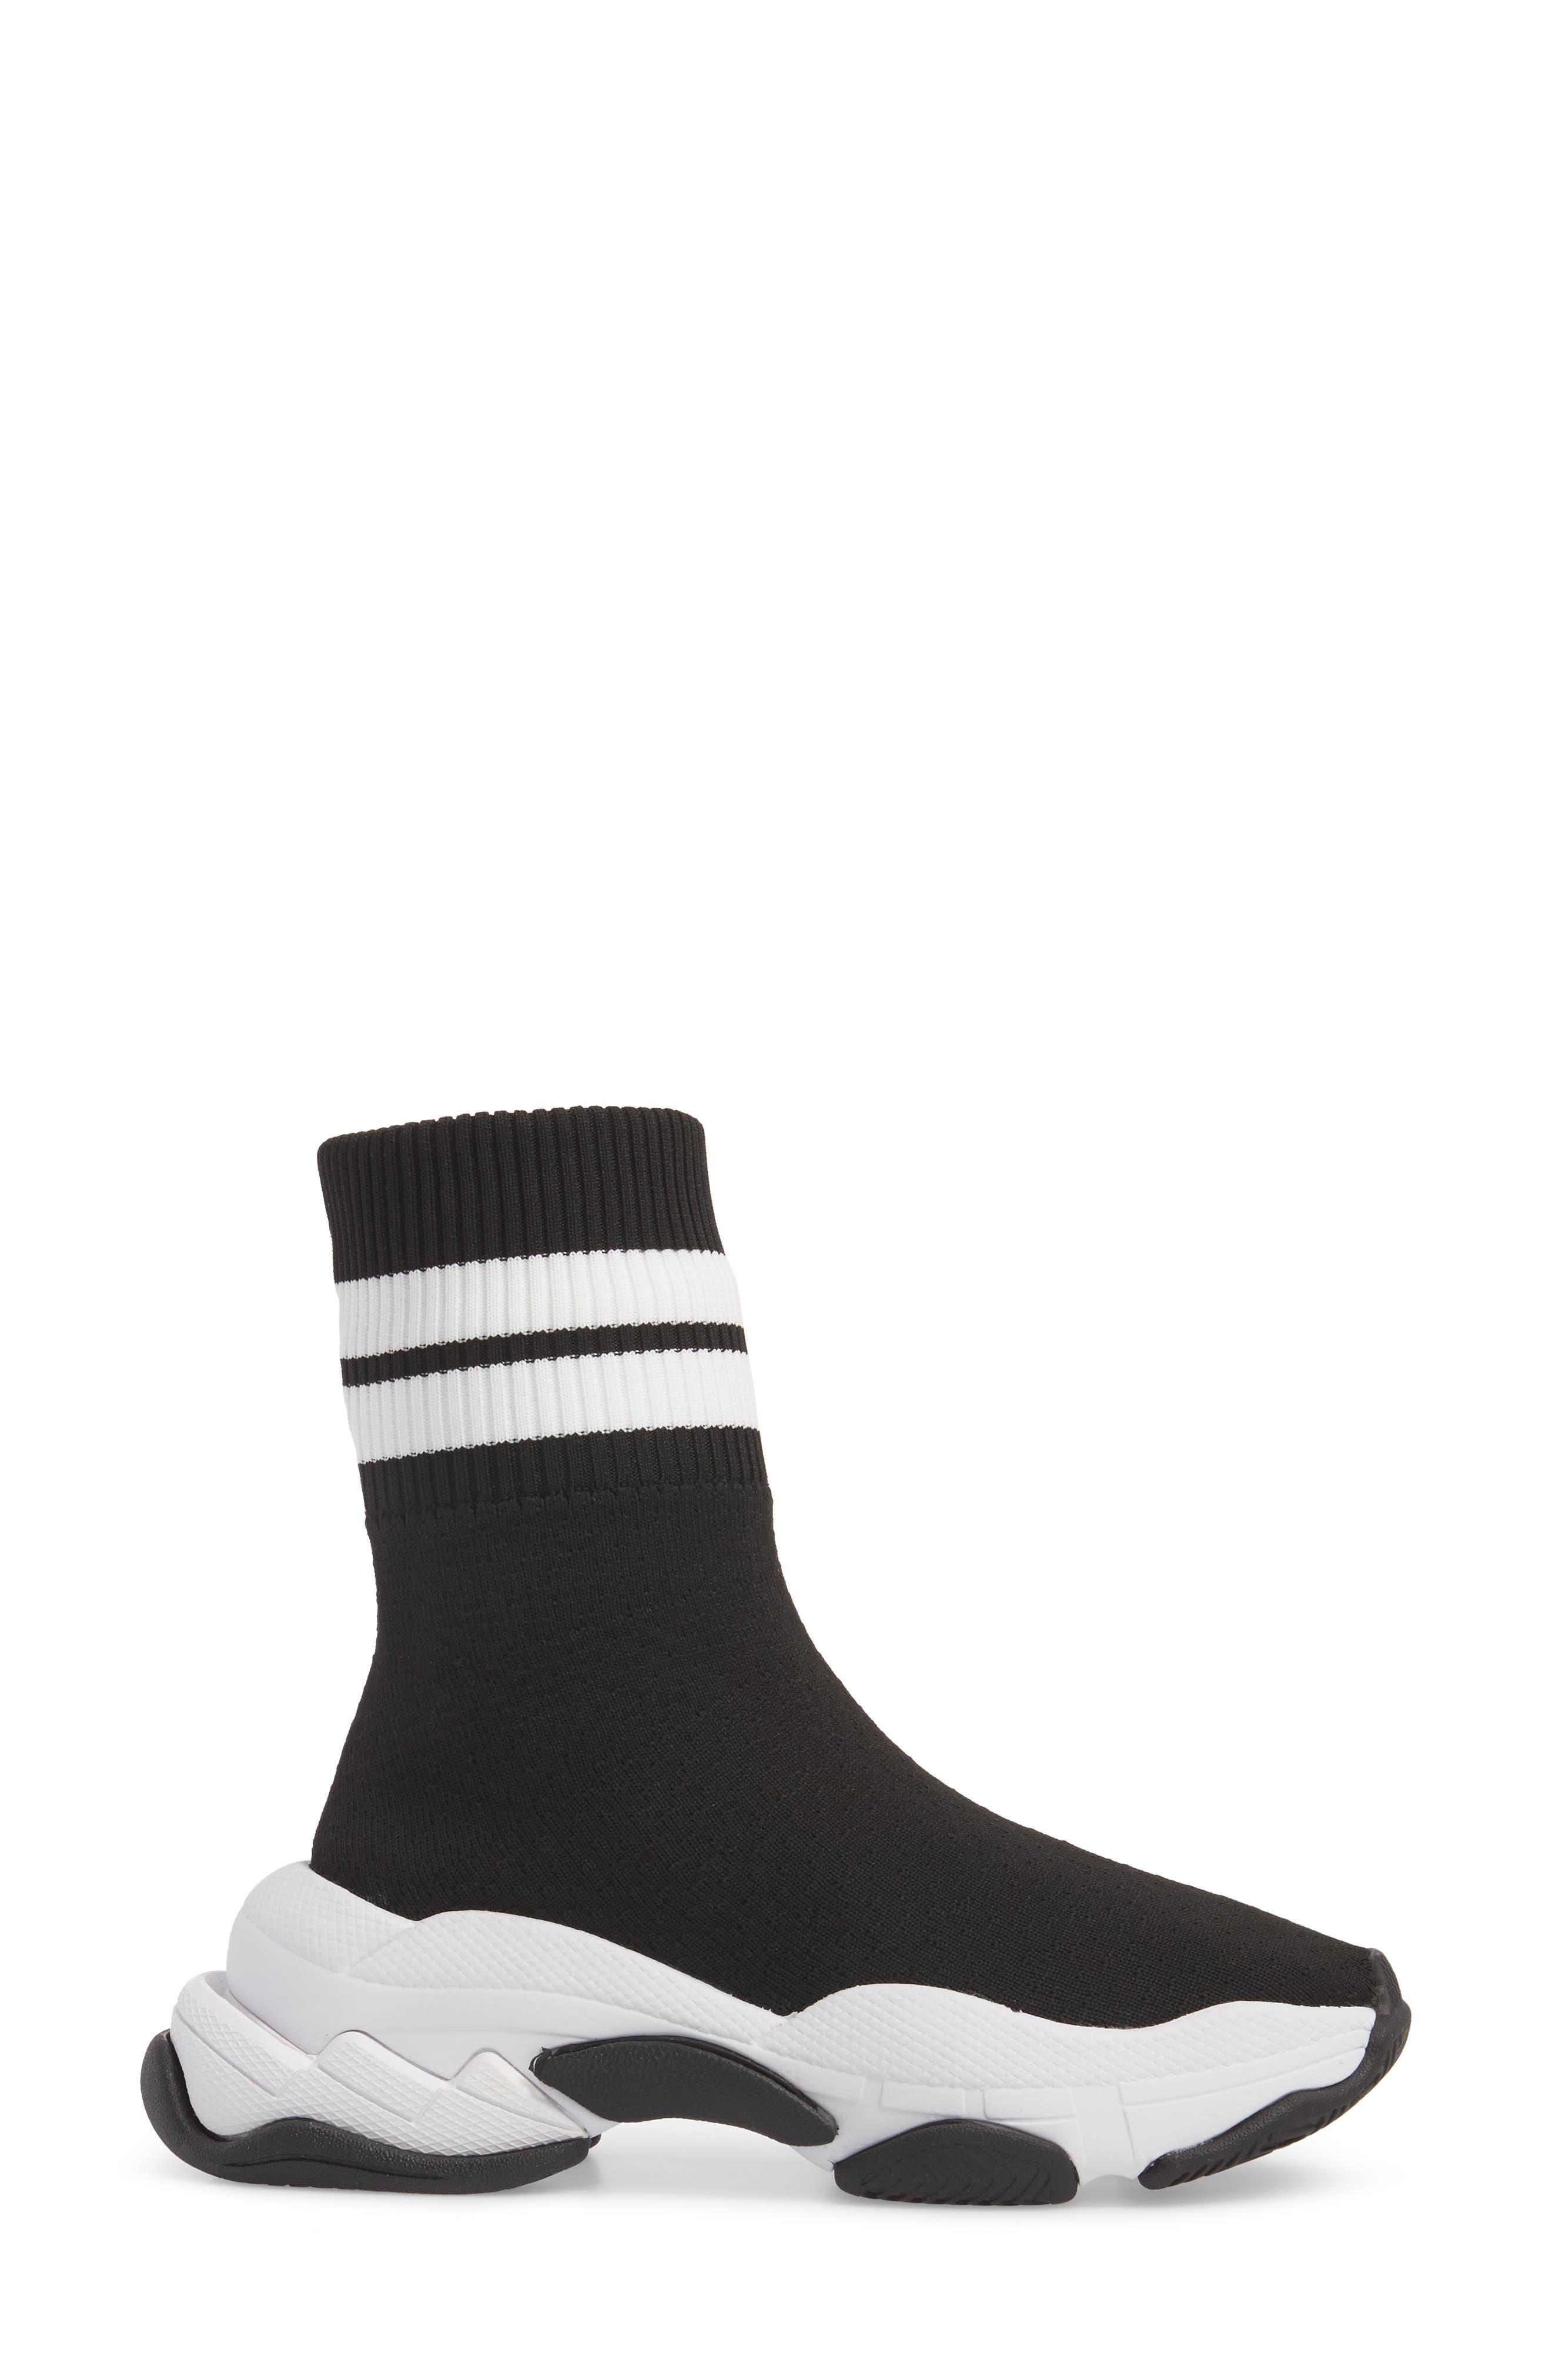 Tenko Ankle High Top Sock Sneaker,                             Alternate thumbnail 3, color,                             Black/ White Stripe Fabric